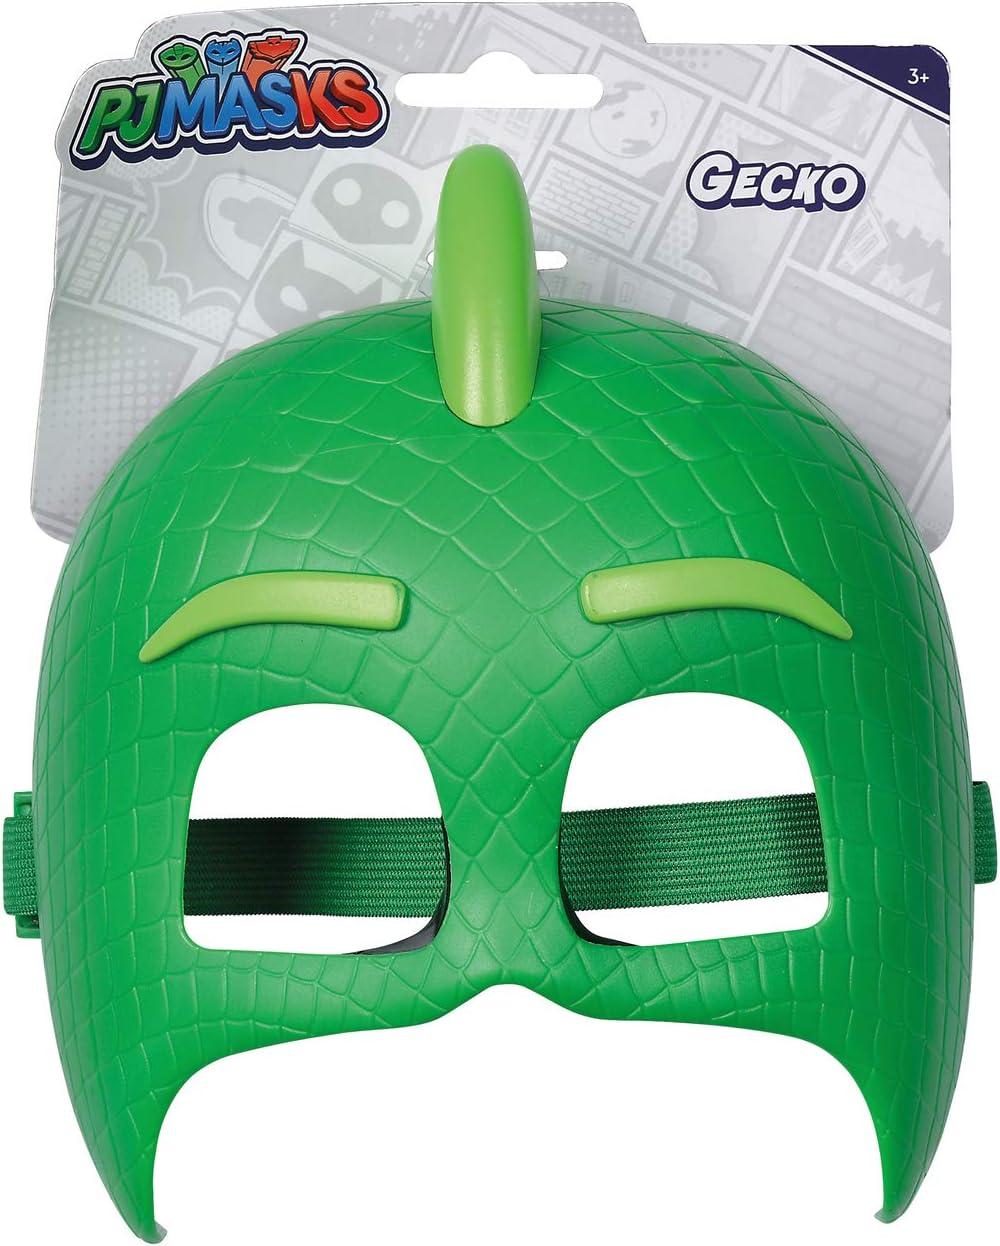 Simba PJ Masks 109402091 - Máscara de Gecko con Banda elástica para Disfraz, Color Verde, 20 cm, para niños a Partir de 3 años